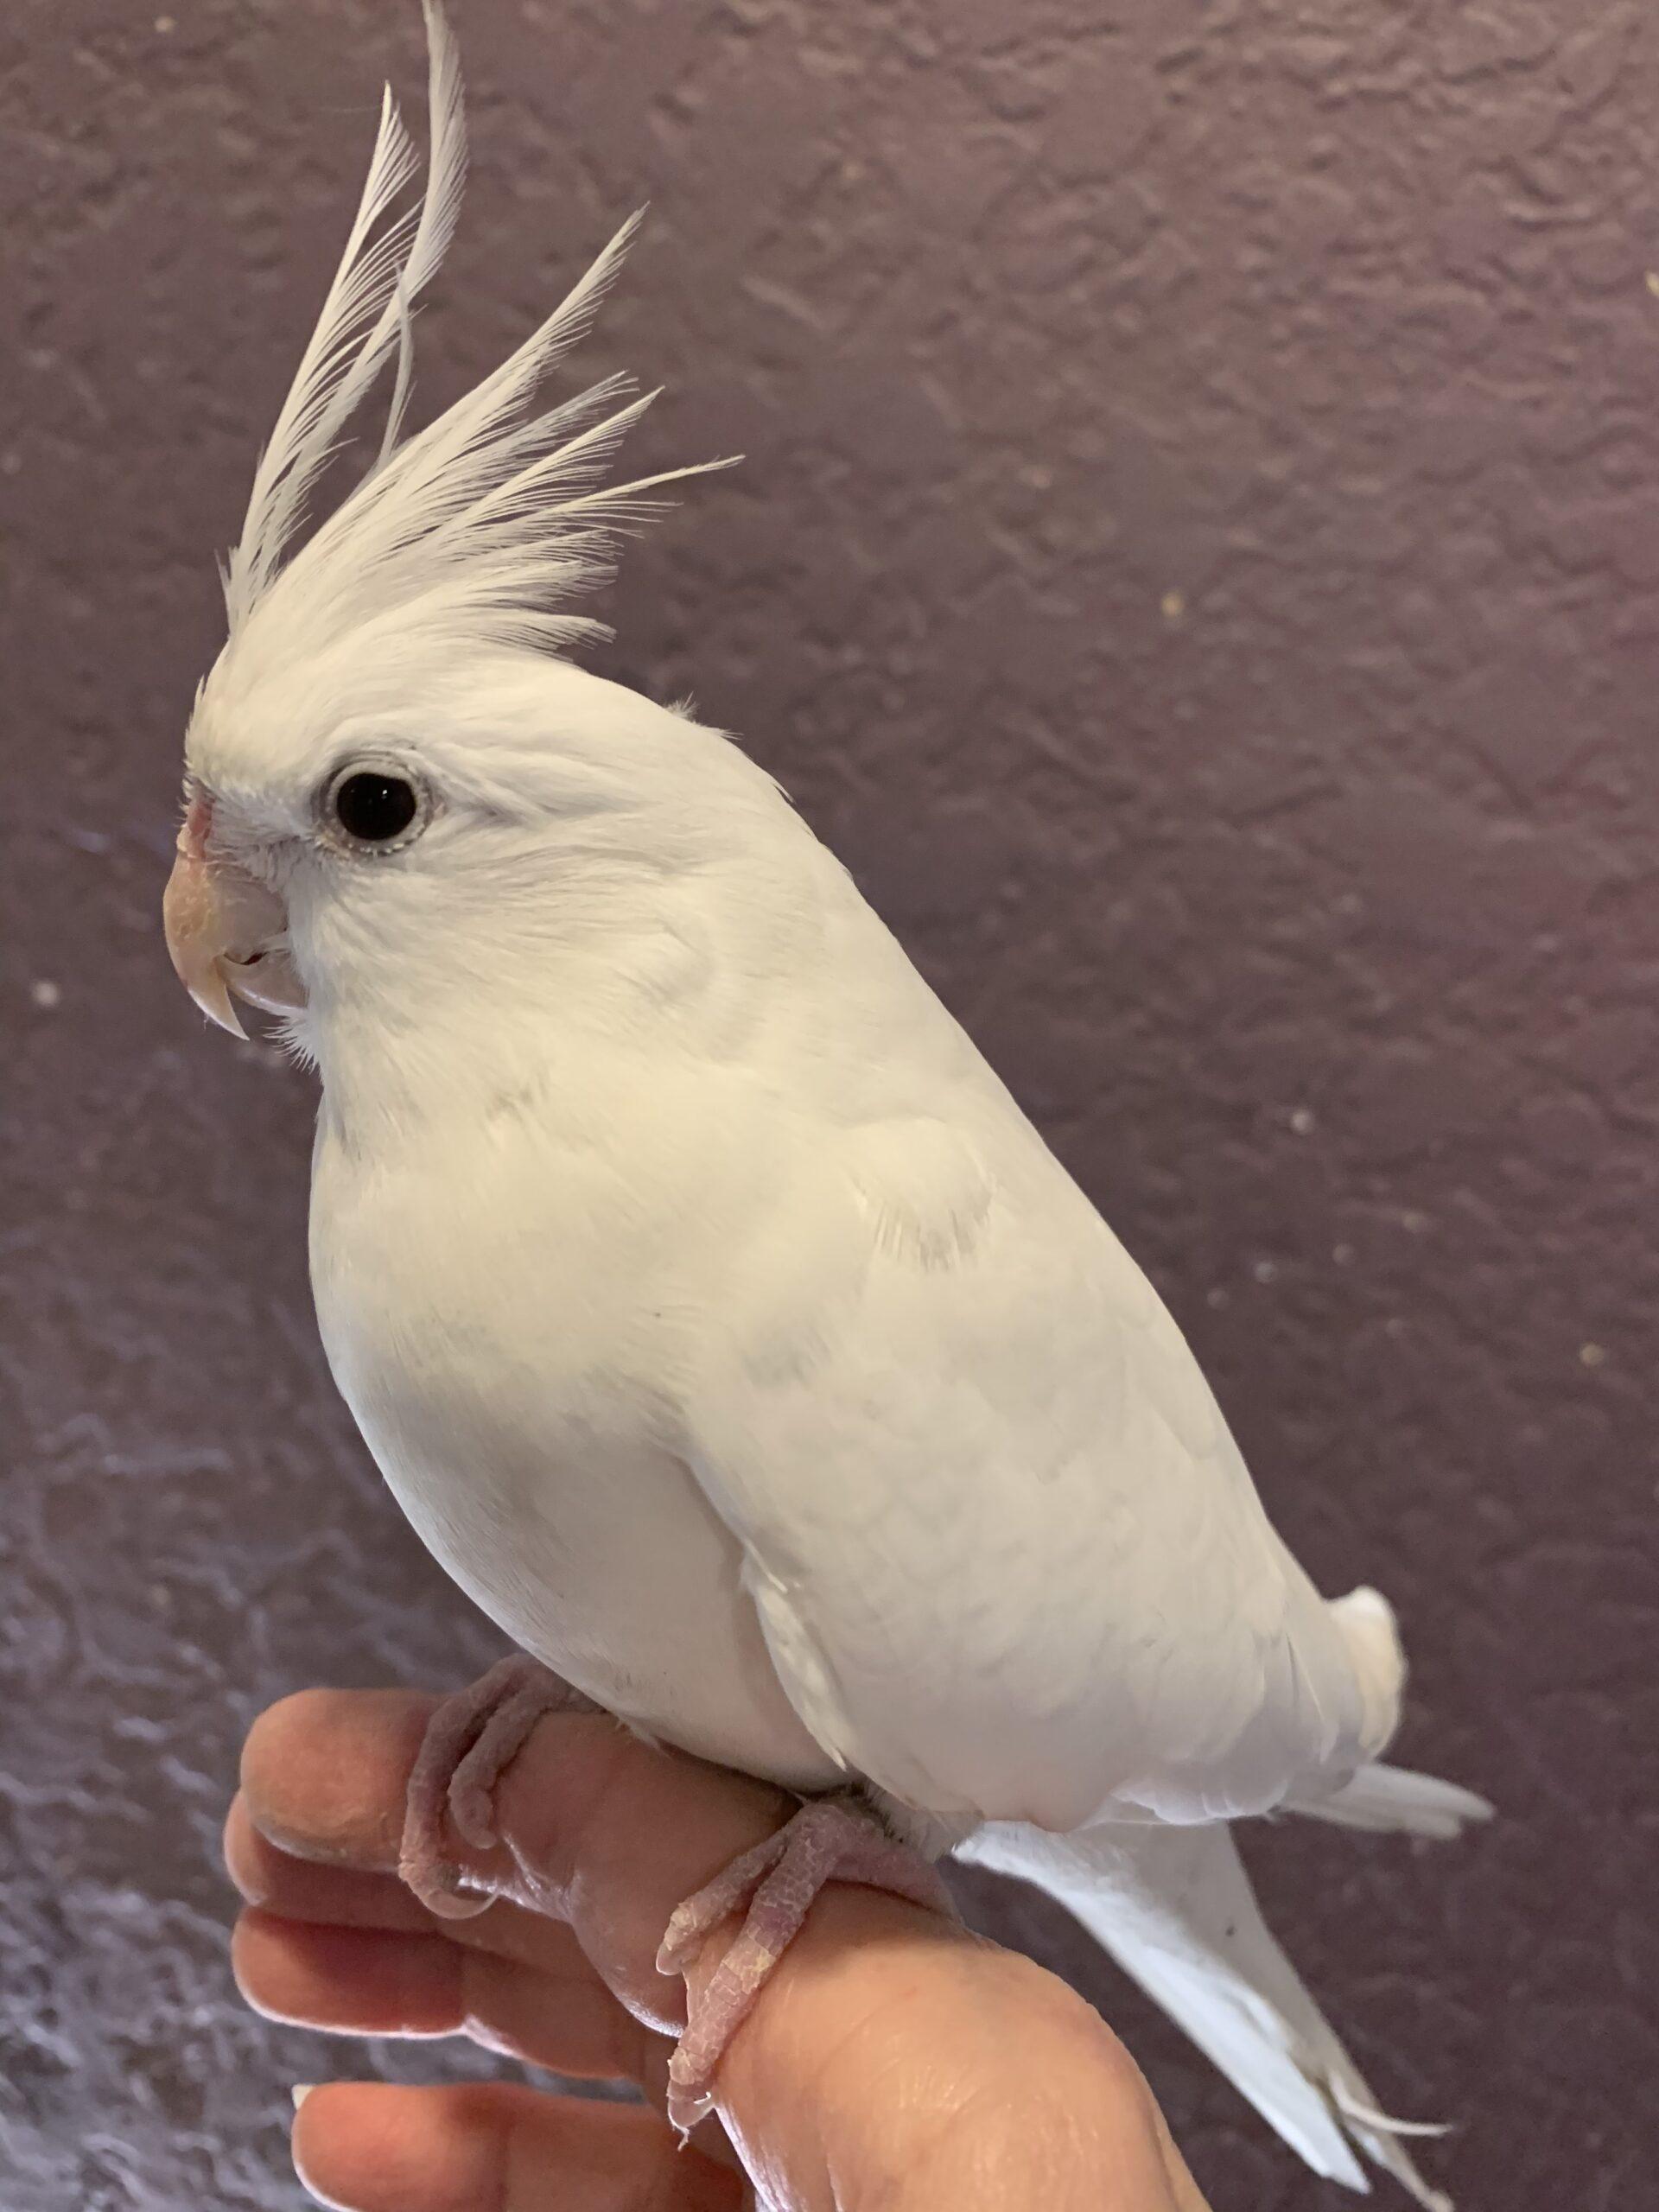 BBBbird,bird, bird…is this a Disney movie?